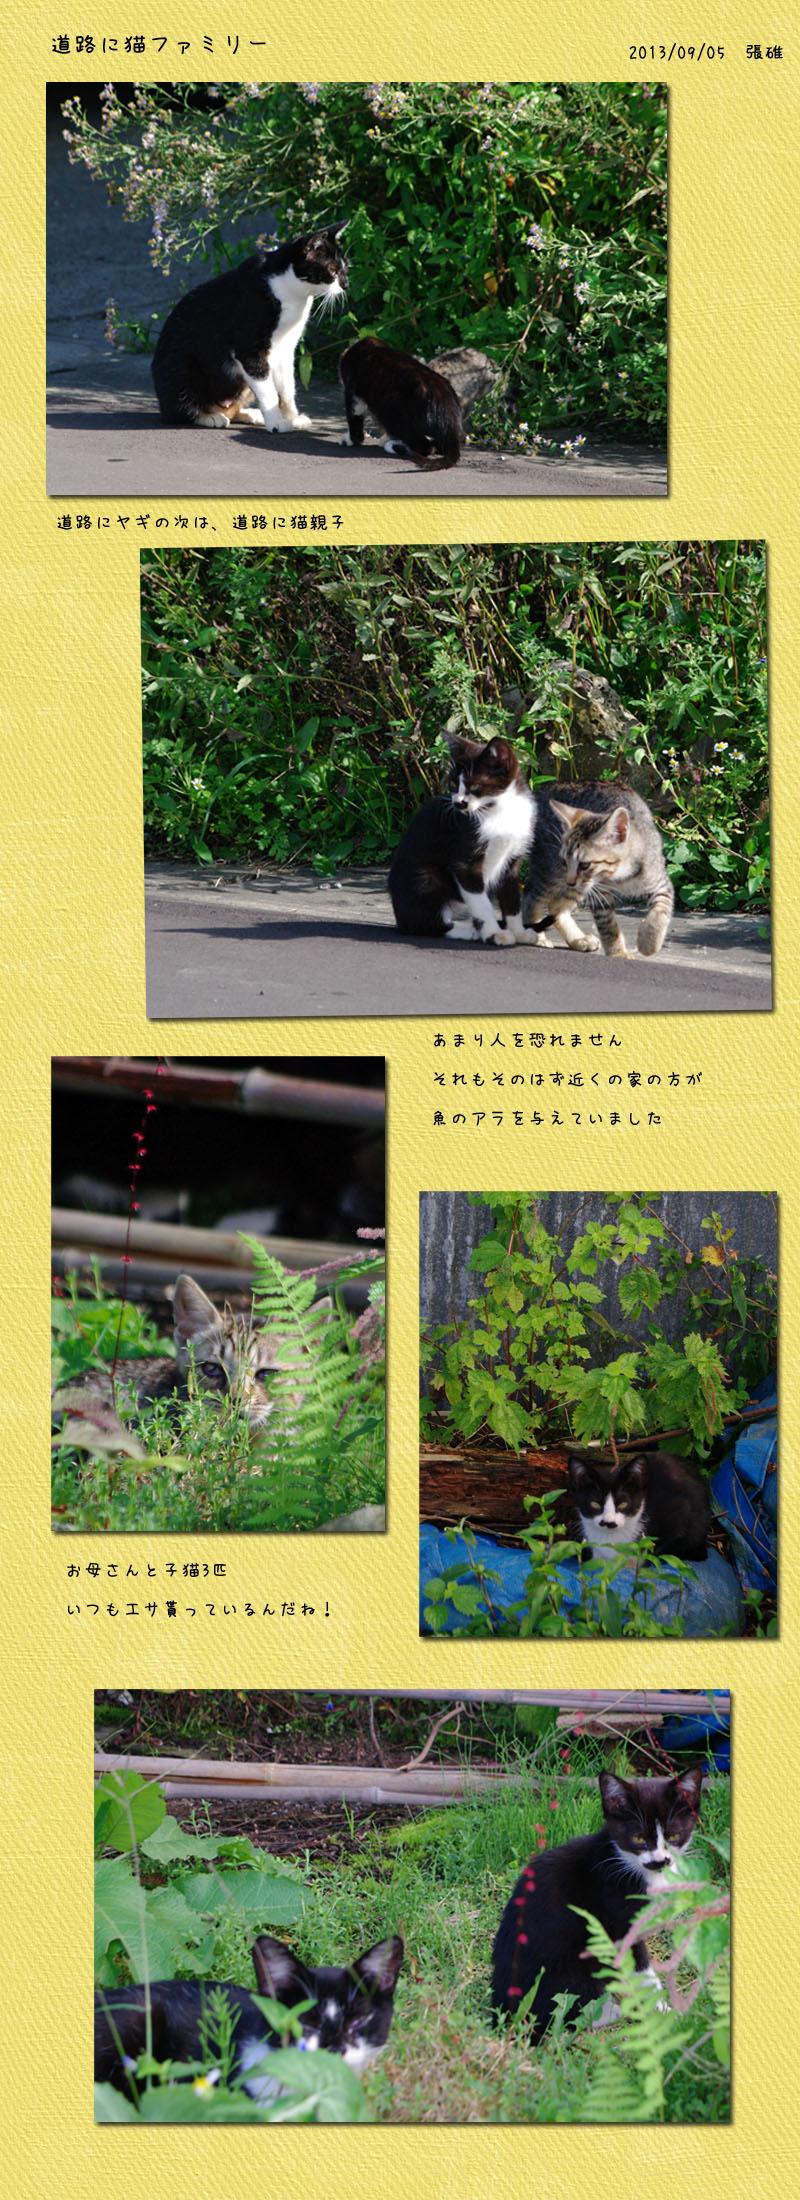 ヤギの次は幸せな野良猫ファミリー_b0019313_18205063.jpg